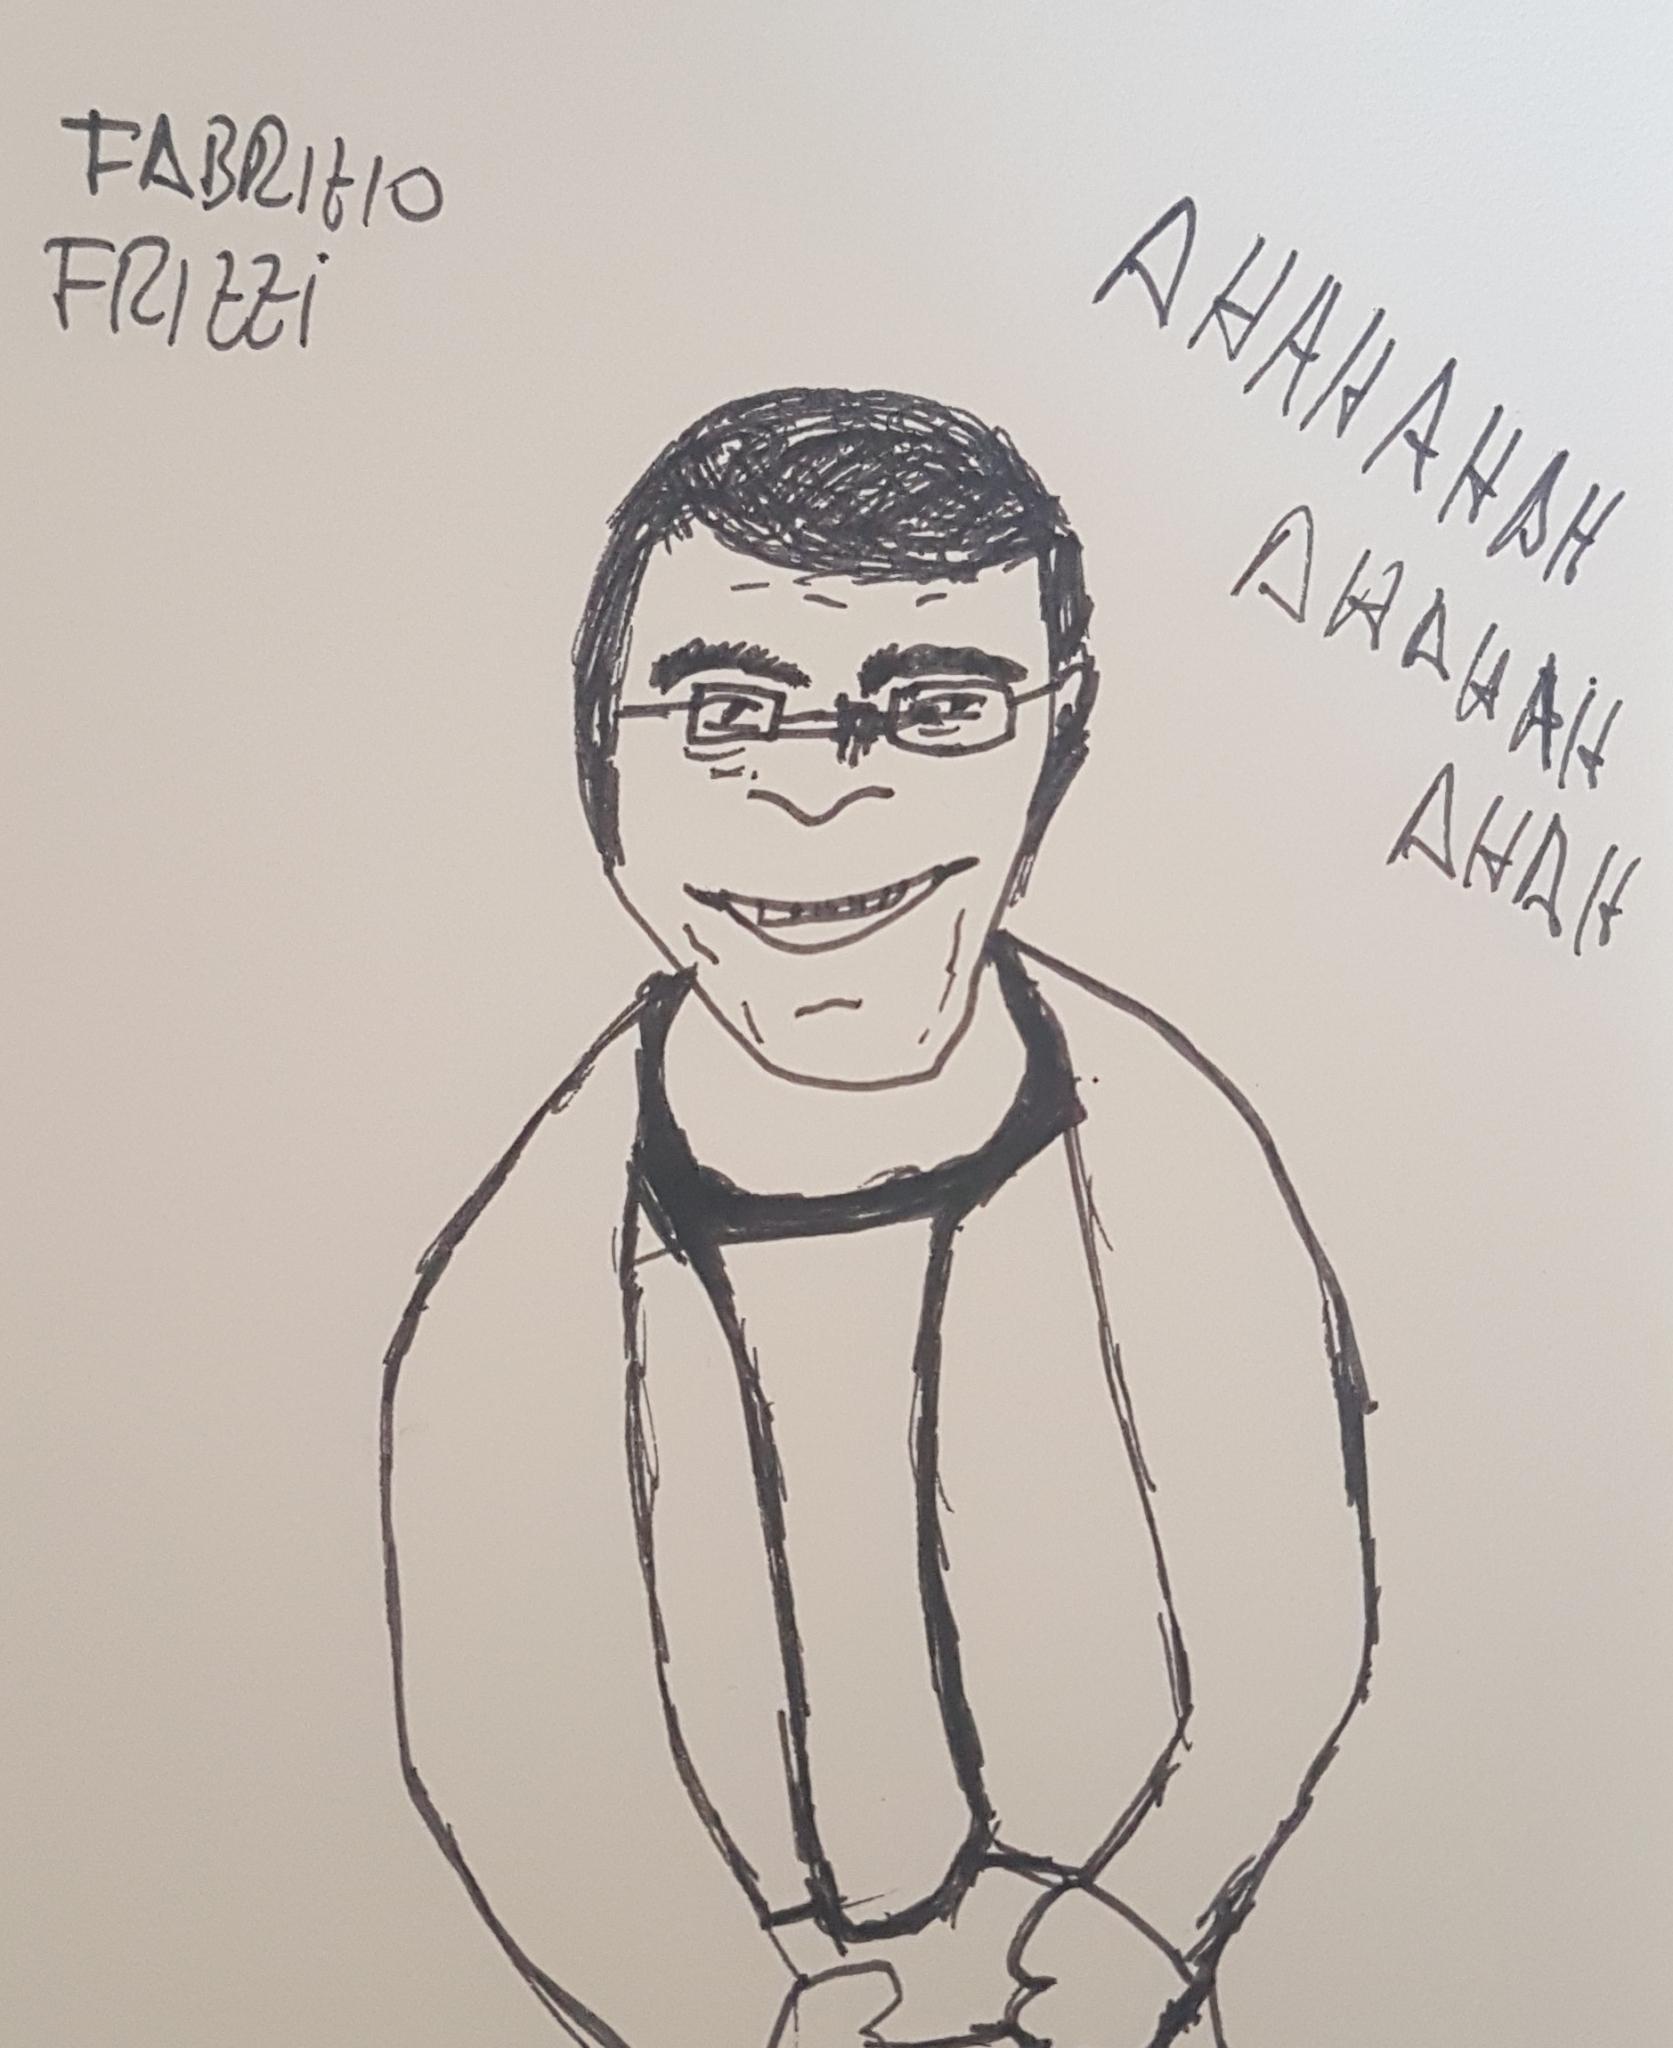 Fabrizio Frizzi che rideva sempre